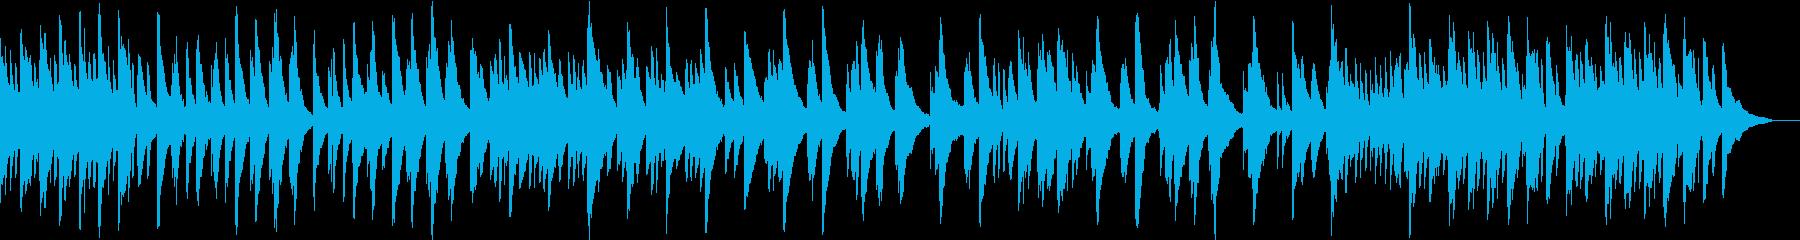 シンプルで落ち着いたピアノ音源ですの再生済みの波形